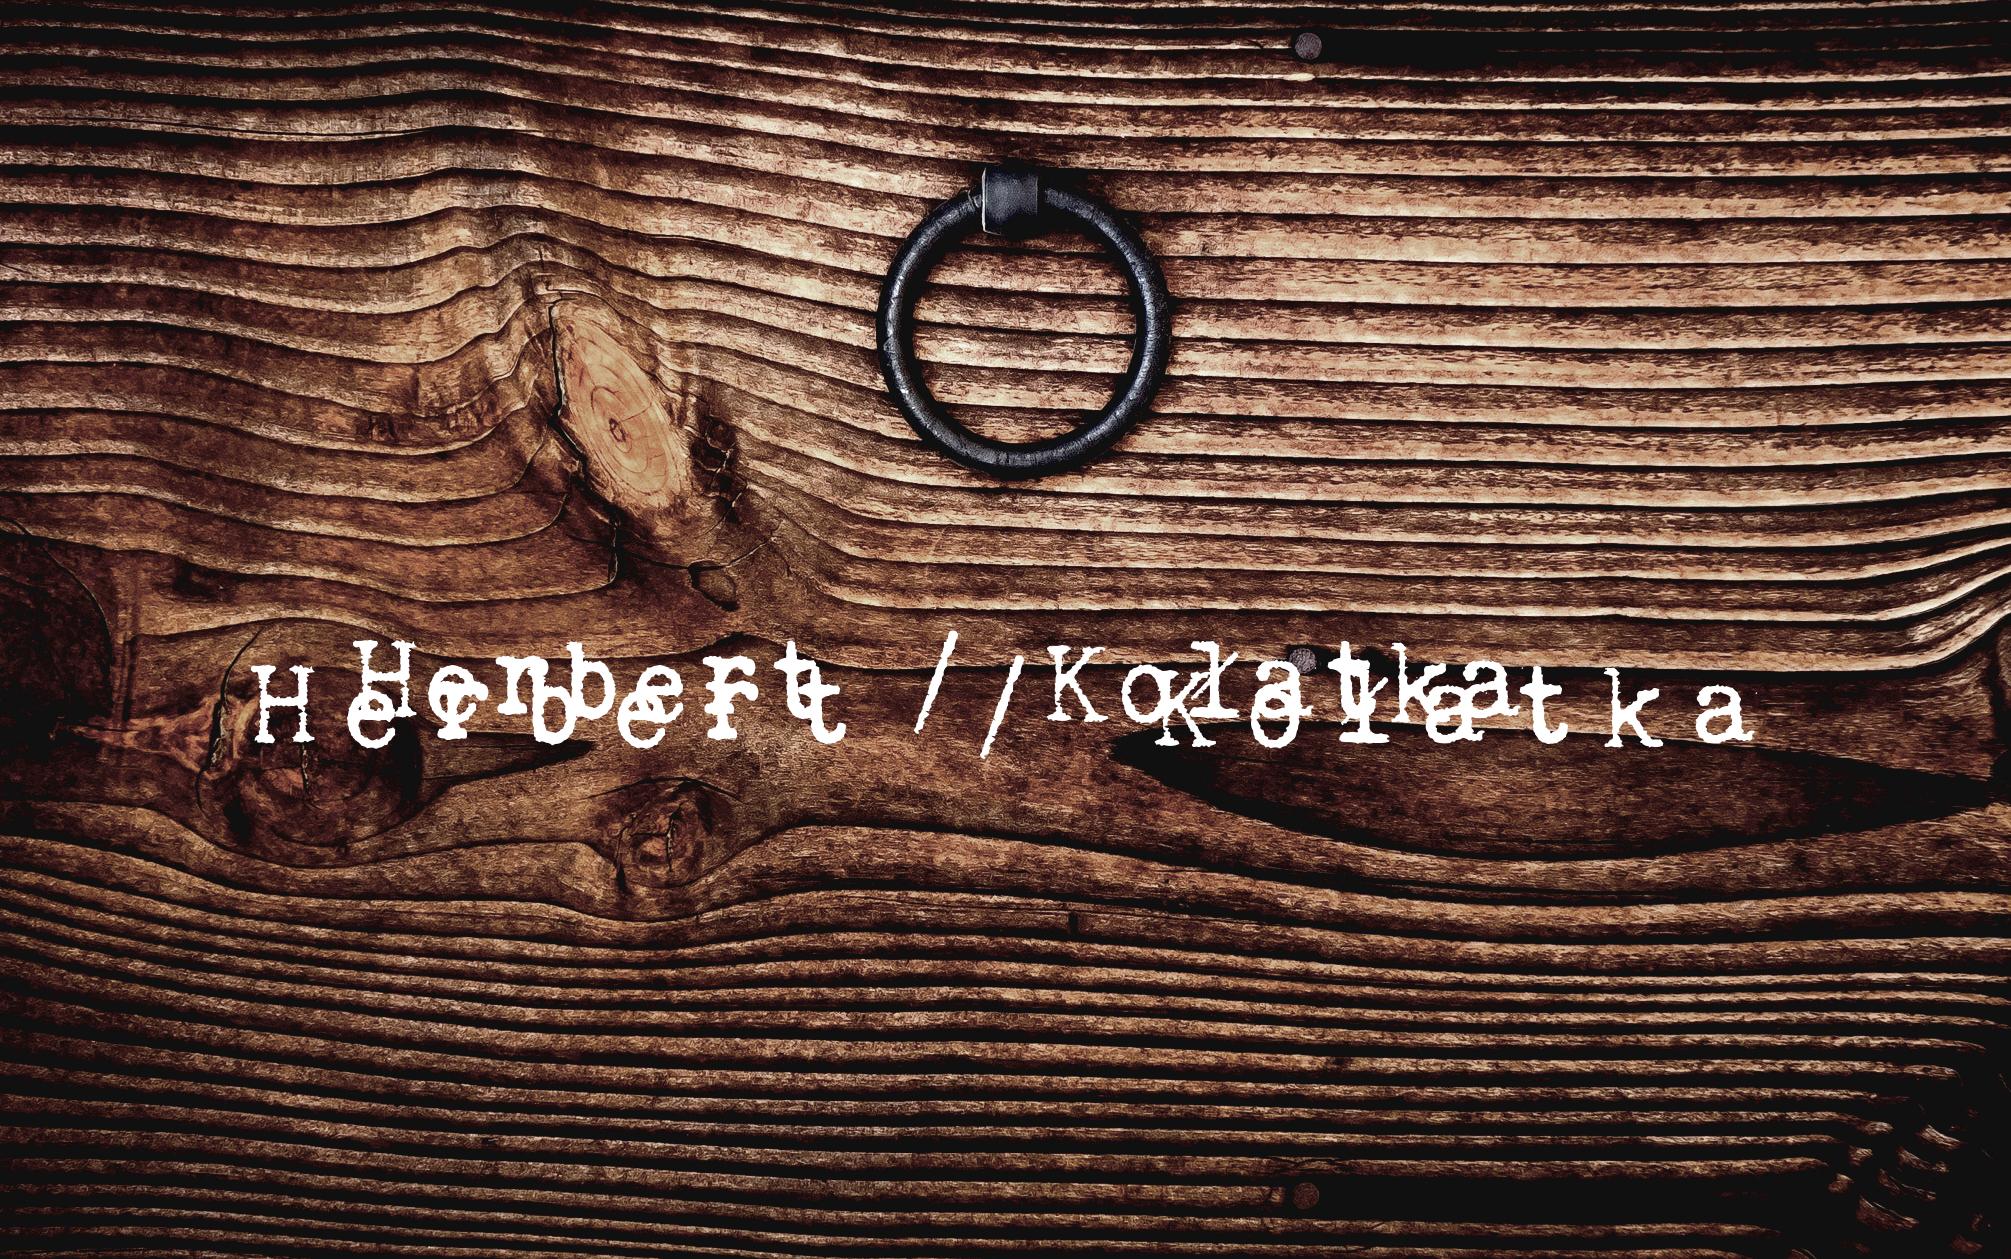 Wiersze Podebrane 11 Kołatka Herbert Statek Głupców